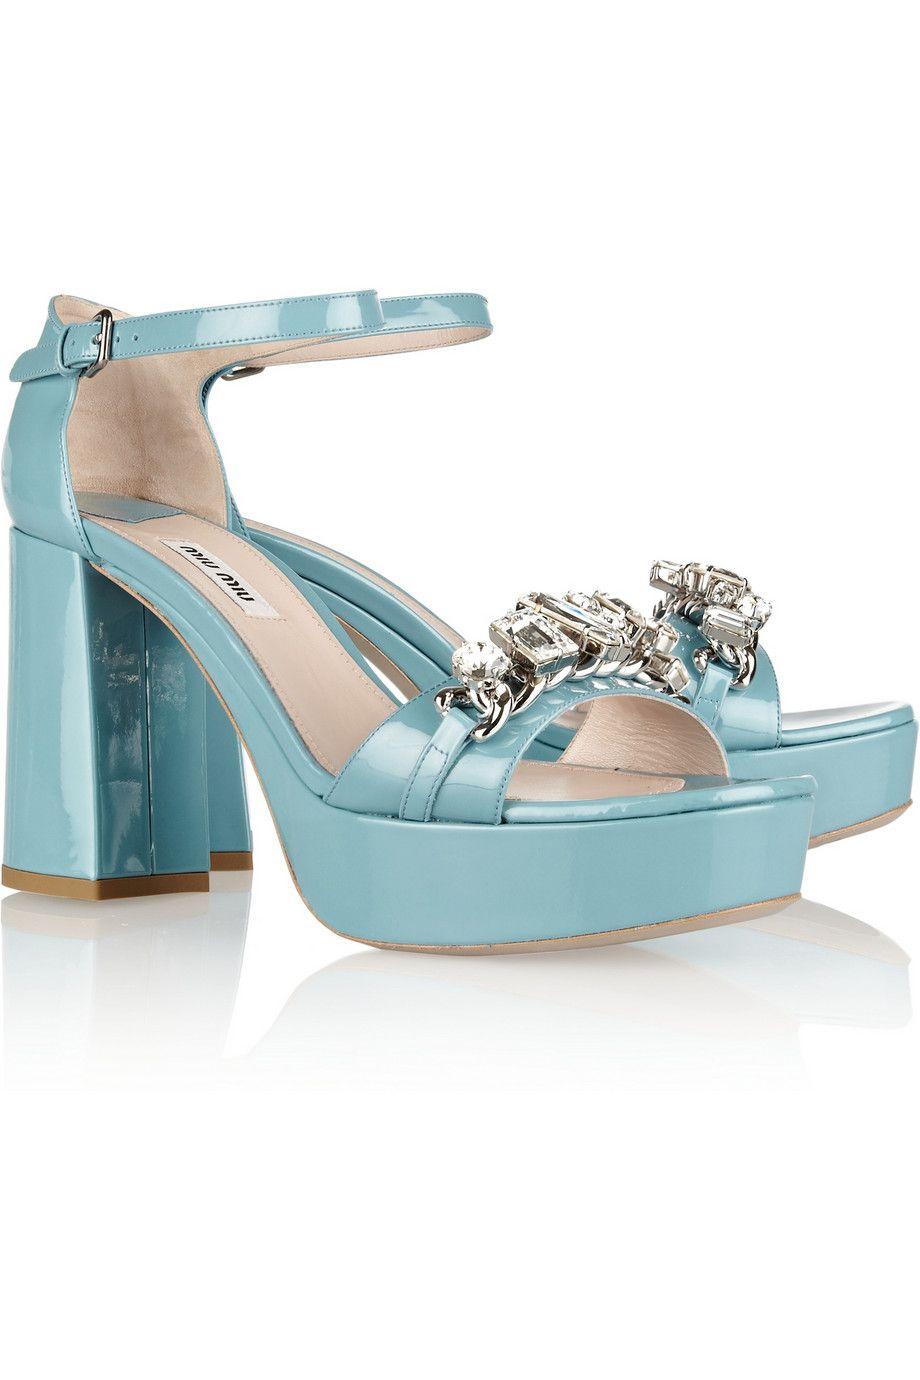 3f5ee52312d Easter shoes!!! Miu Miu